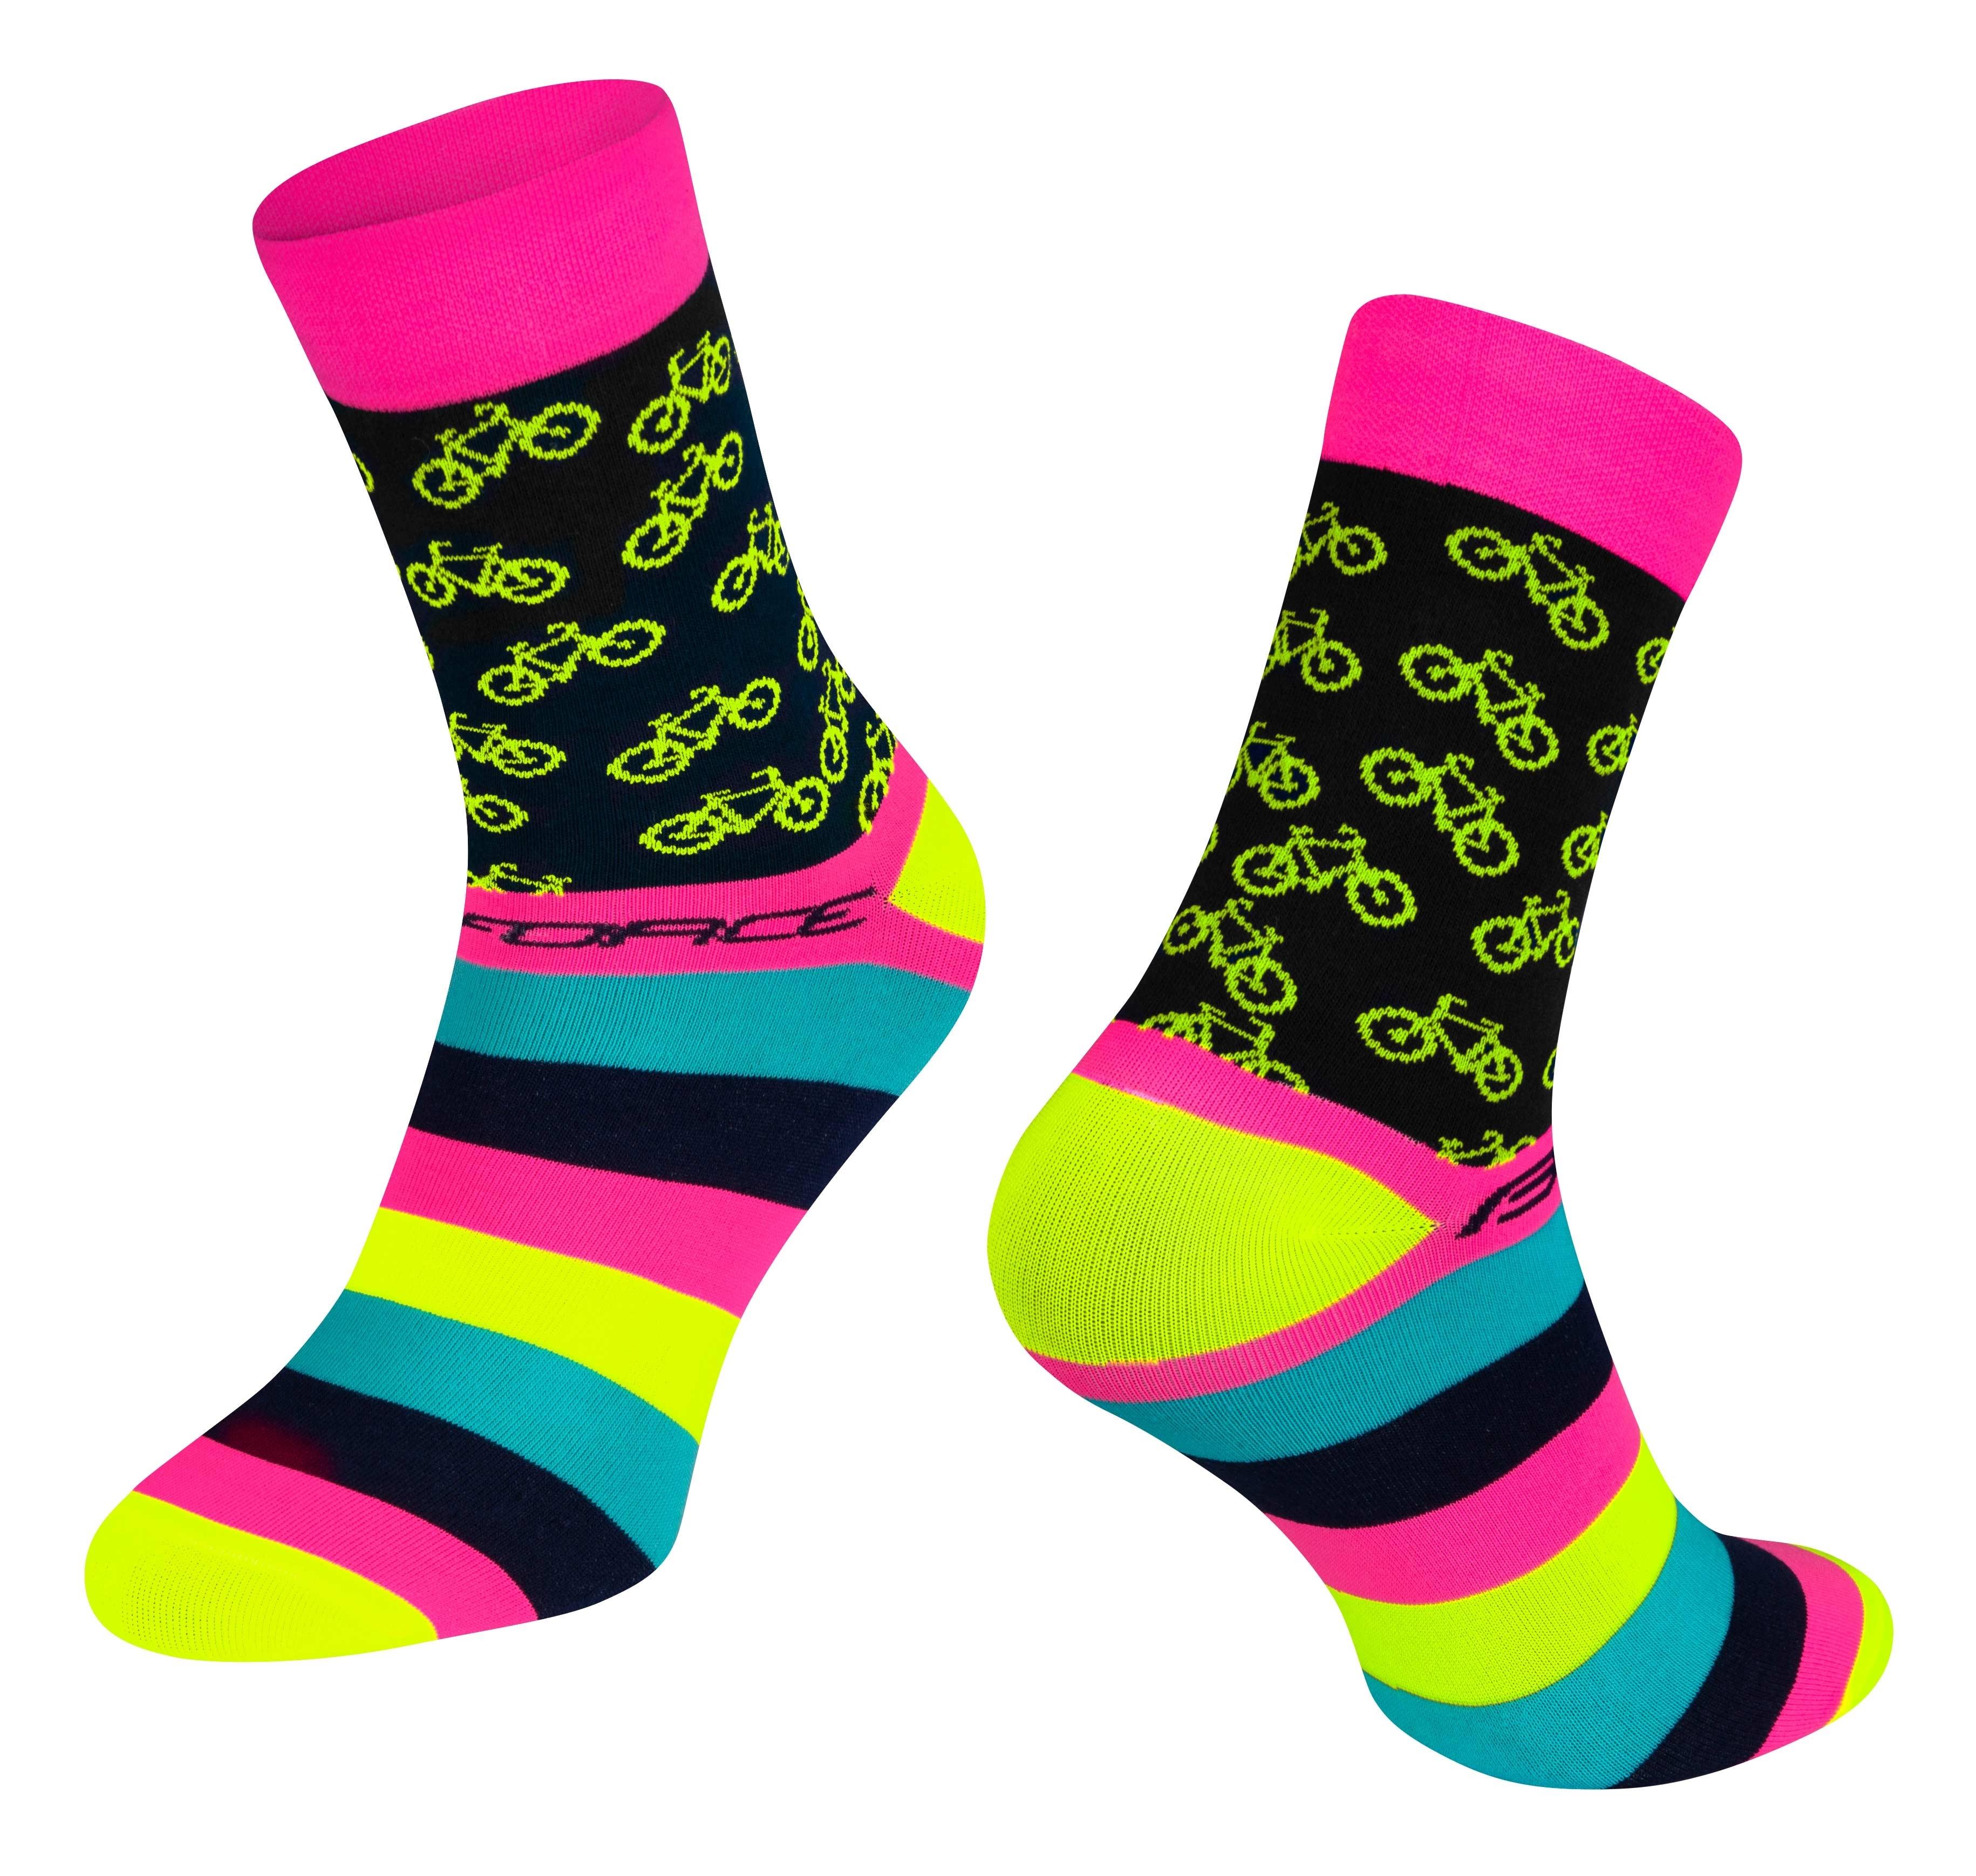 ponožky FORCE CYCLE, růžové S-M/36-41